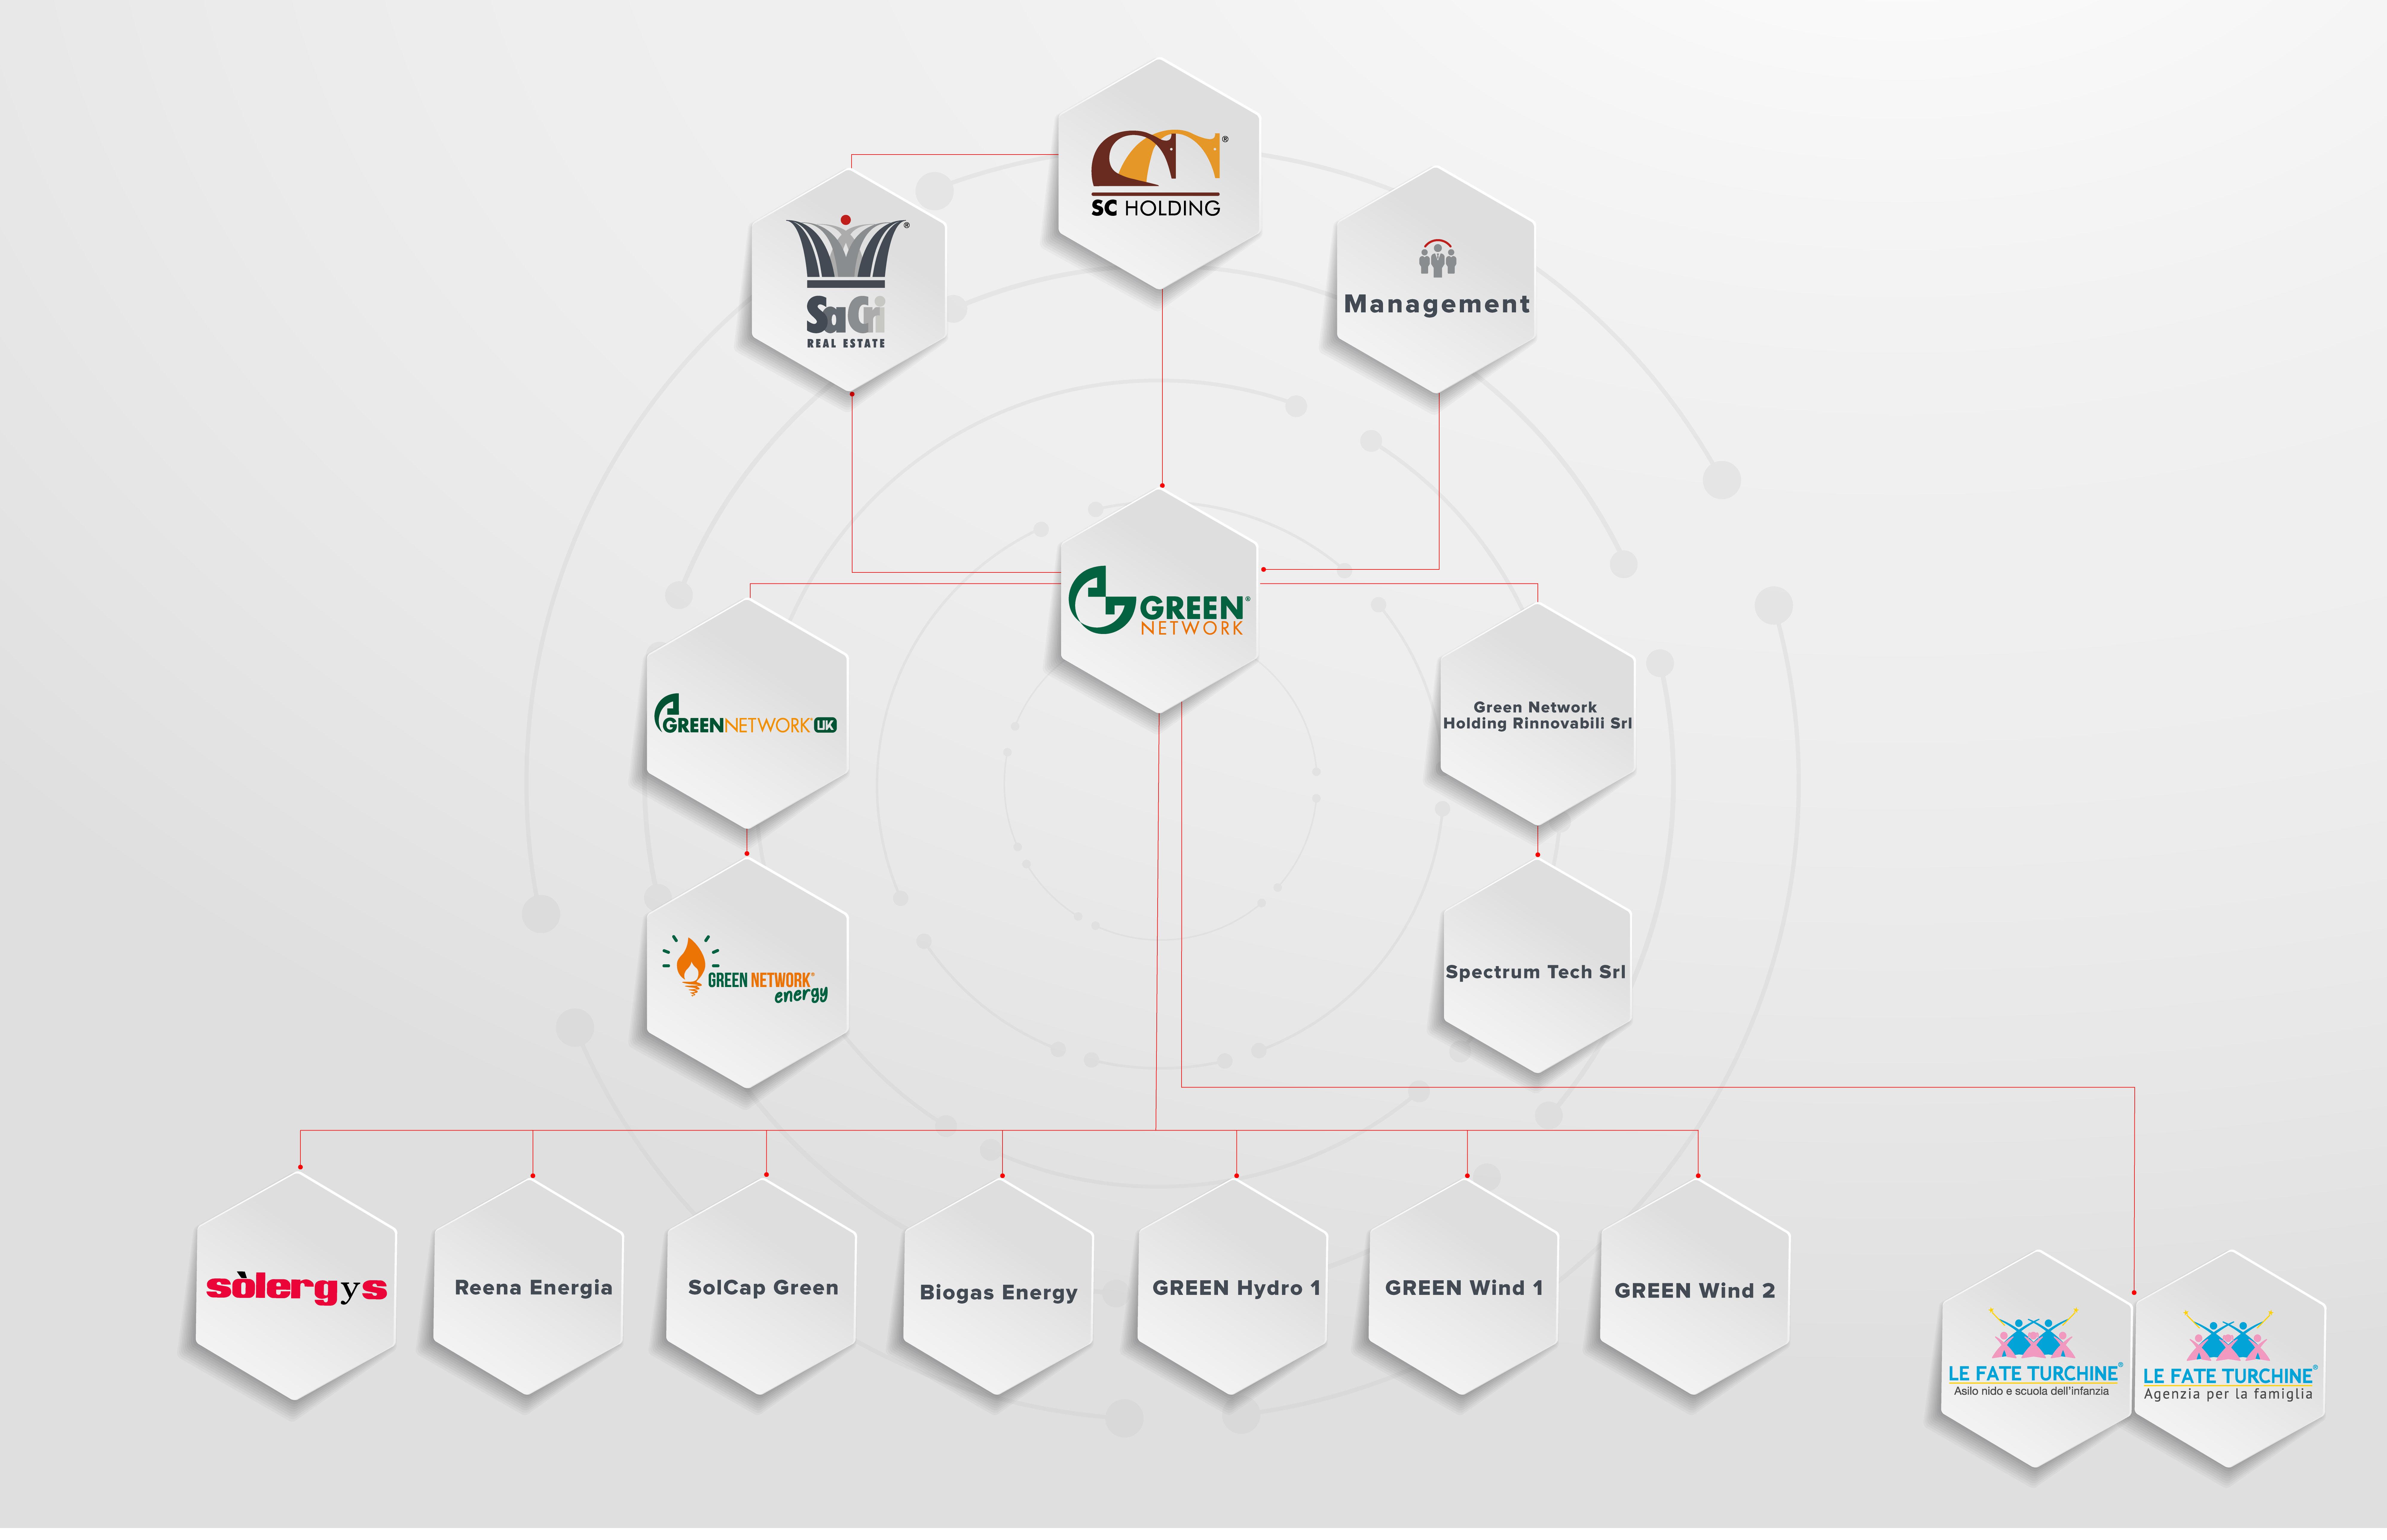 organizzazione societaria green network